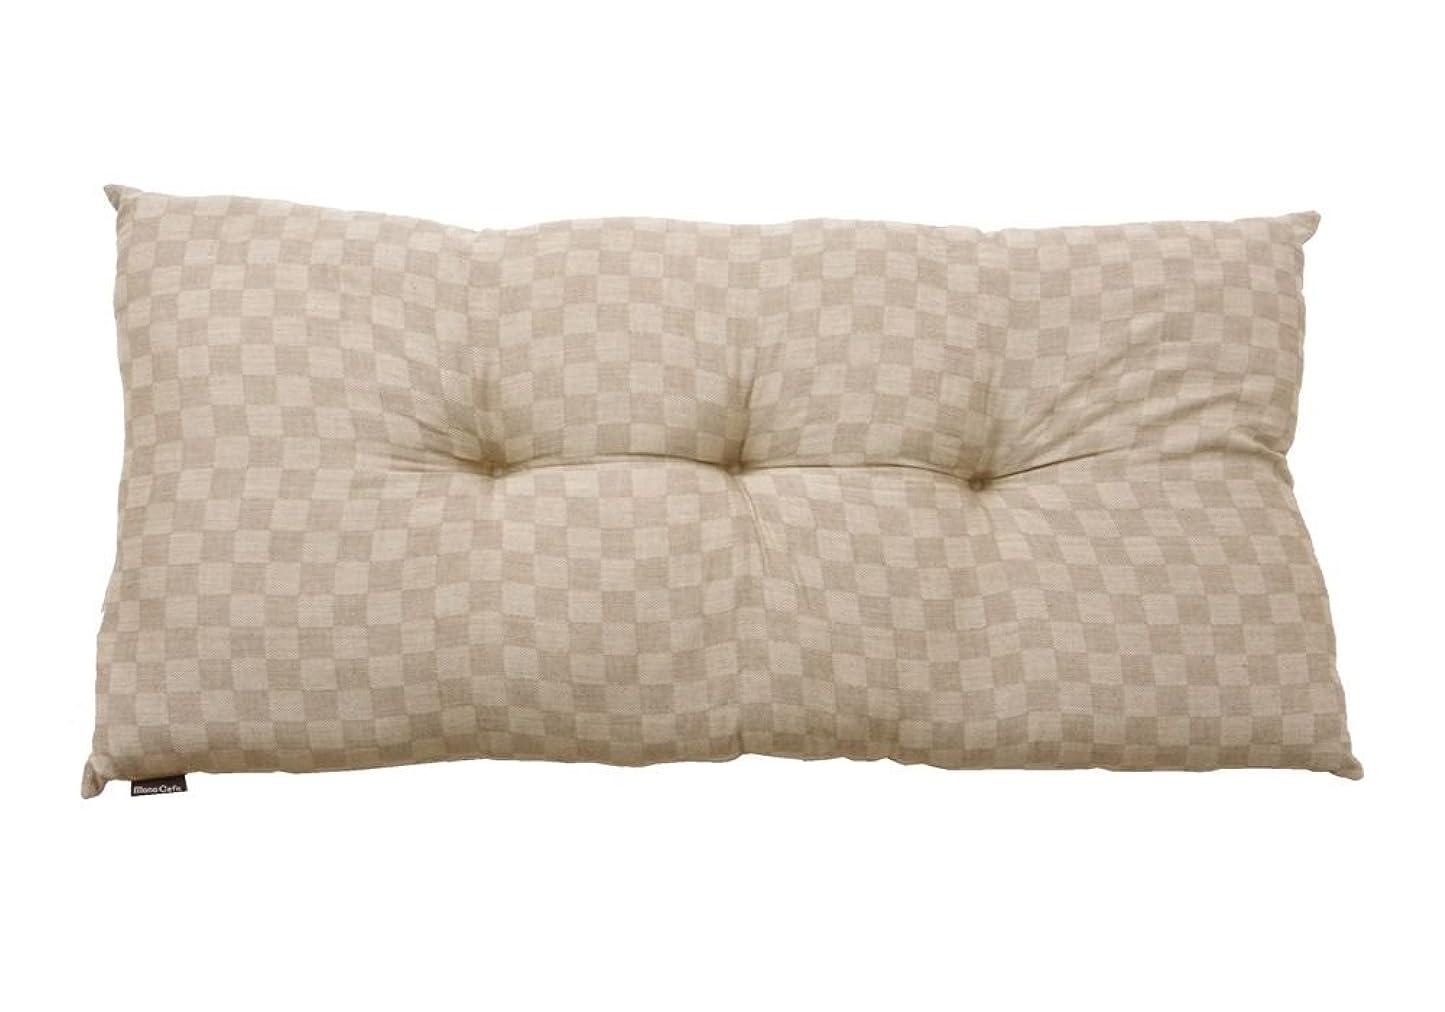 束フロー宮殿日本製 インド綿 長座布団 「クレタ」 約55×110cm ベージュ(#3000579)